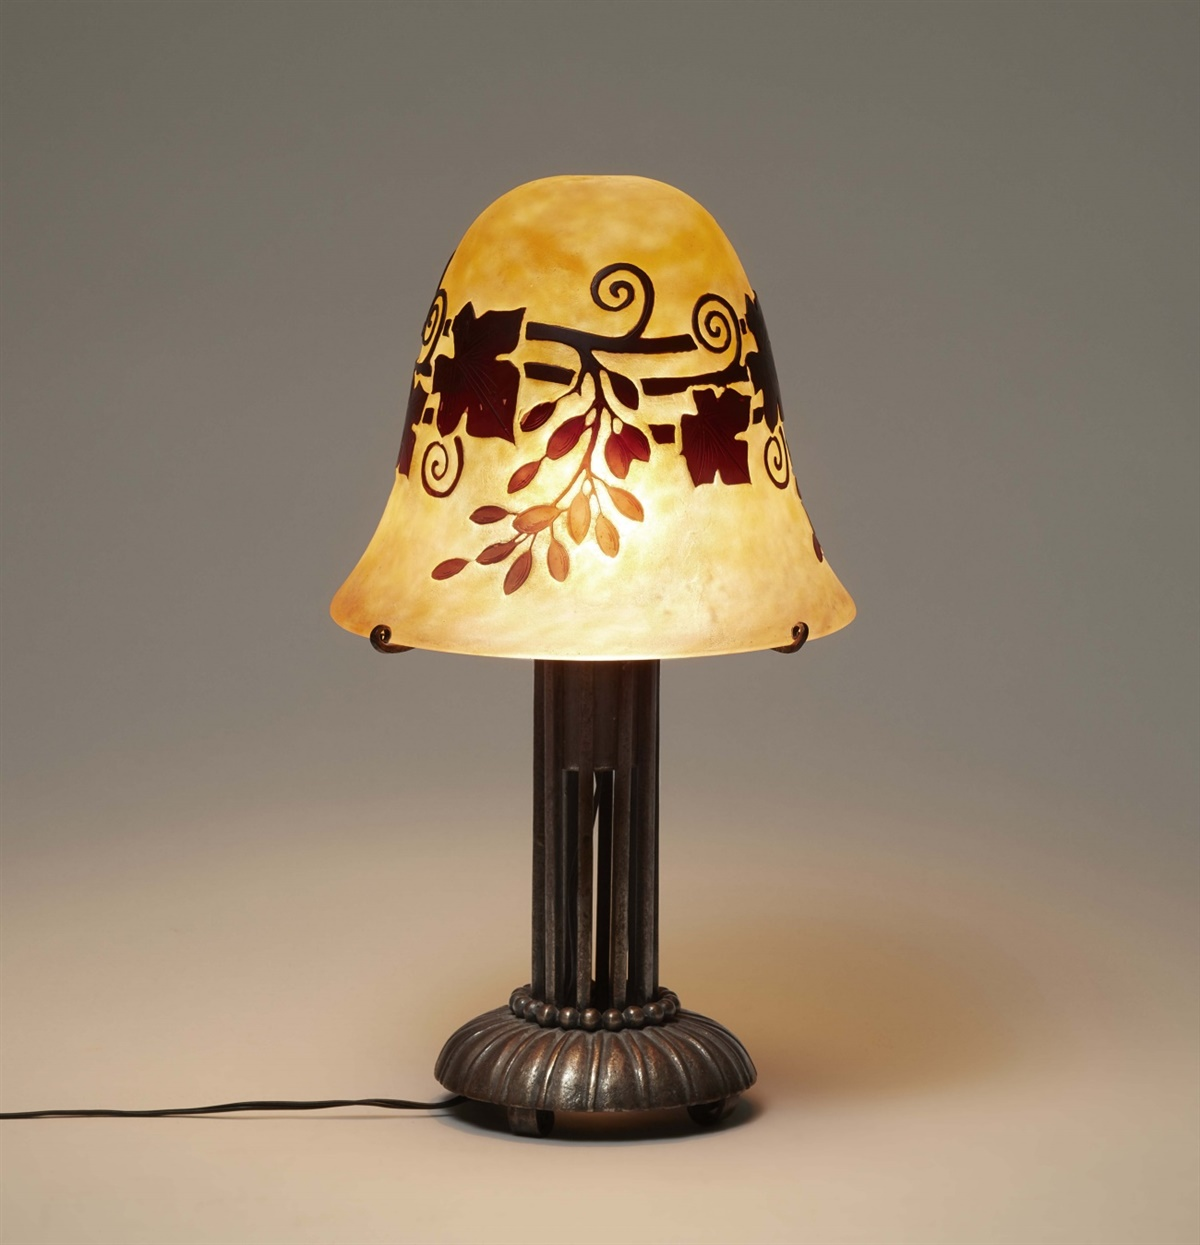 Lot 84 - Lampe aux feuilles de vigneMattgeätztes Glas mit wolkigen hellroten und gelben